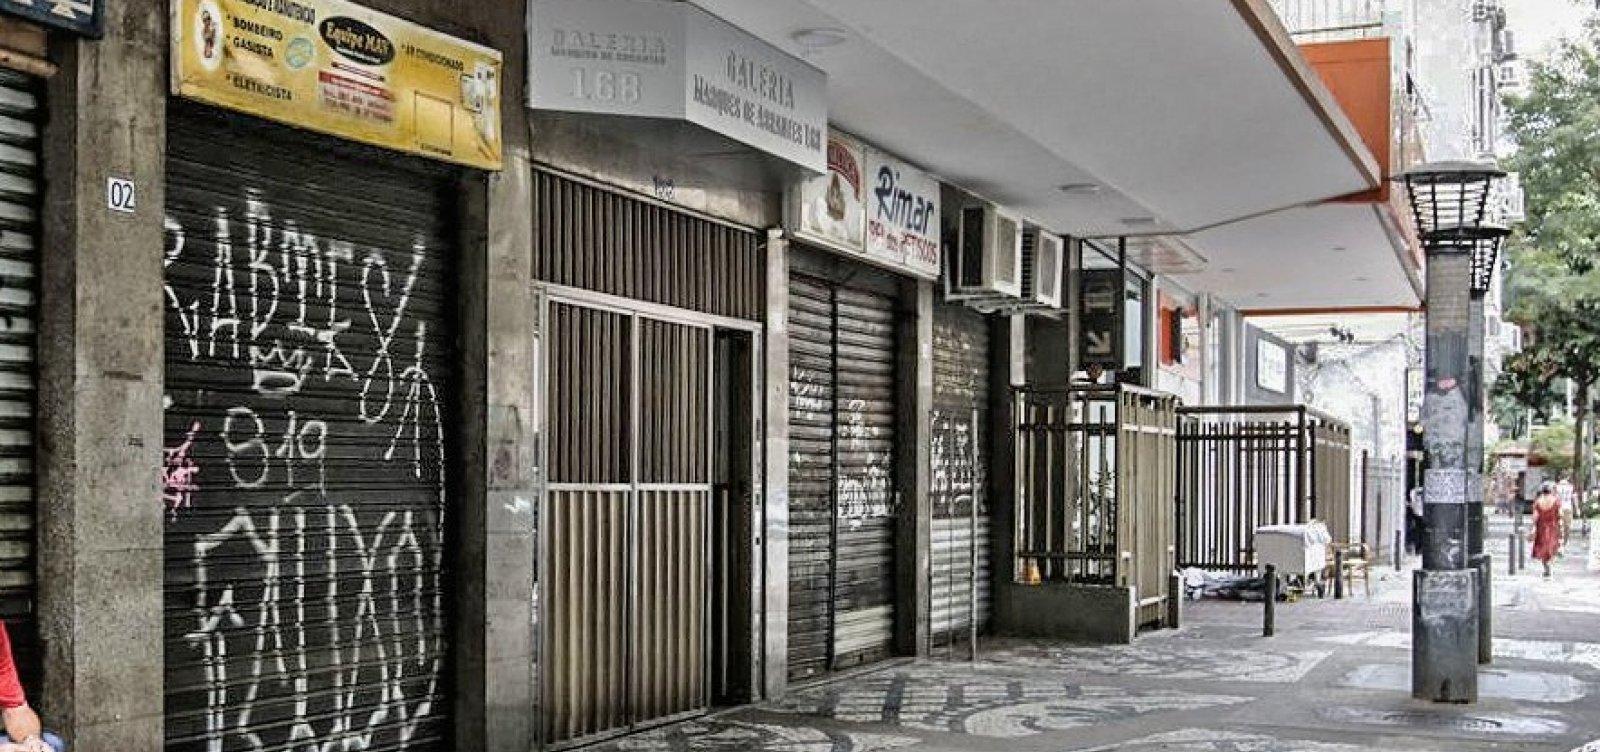 Salvador: Prefeito anuncia novidade no pagamento de IPTU para segmentos atingidos pela crise do coronavírus